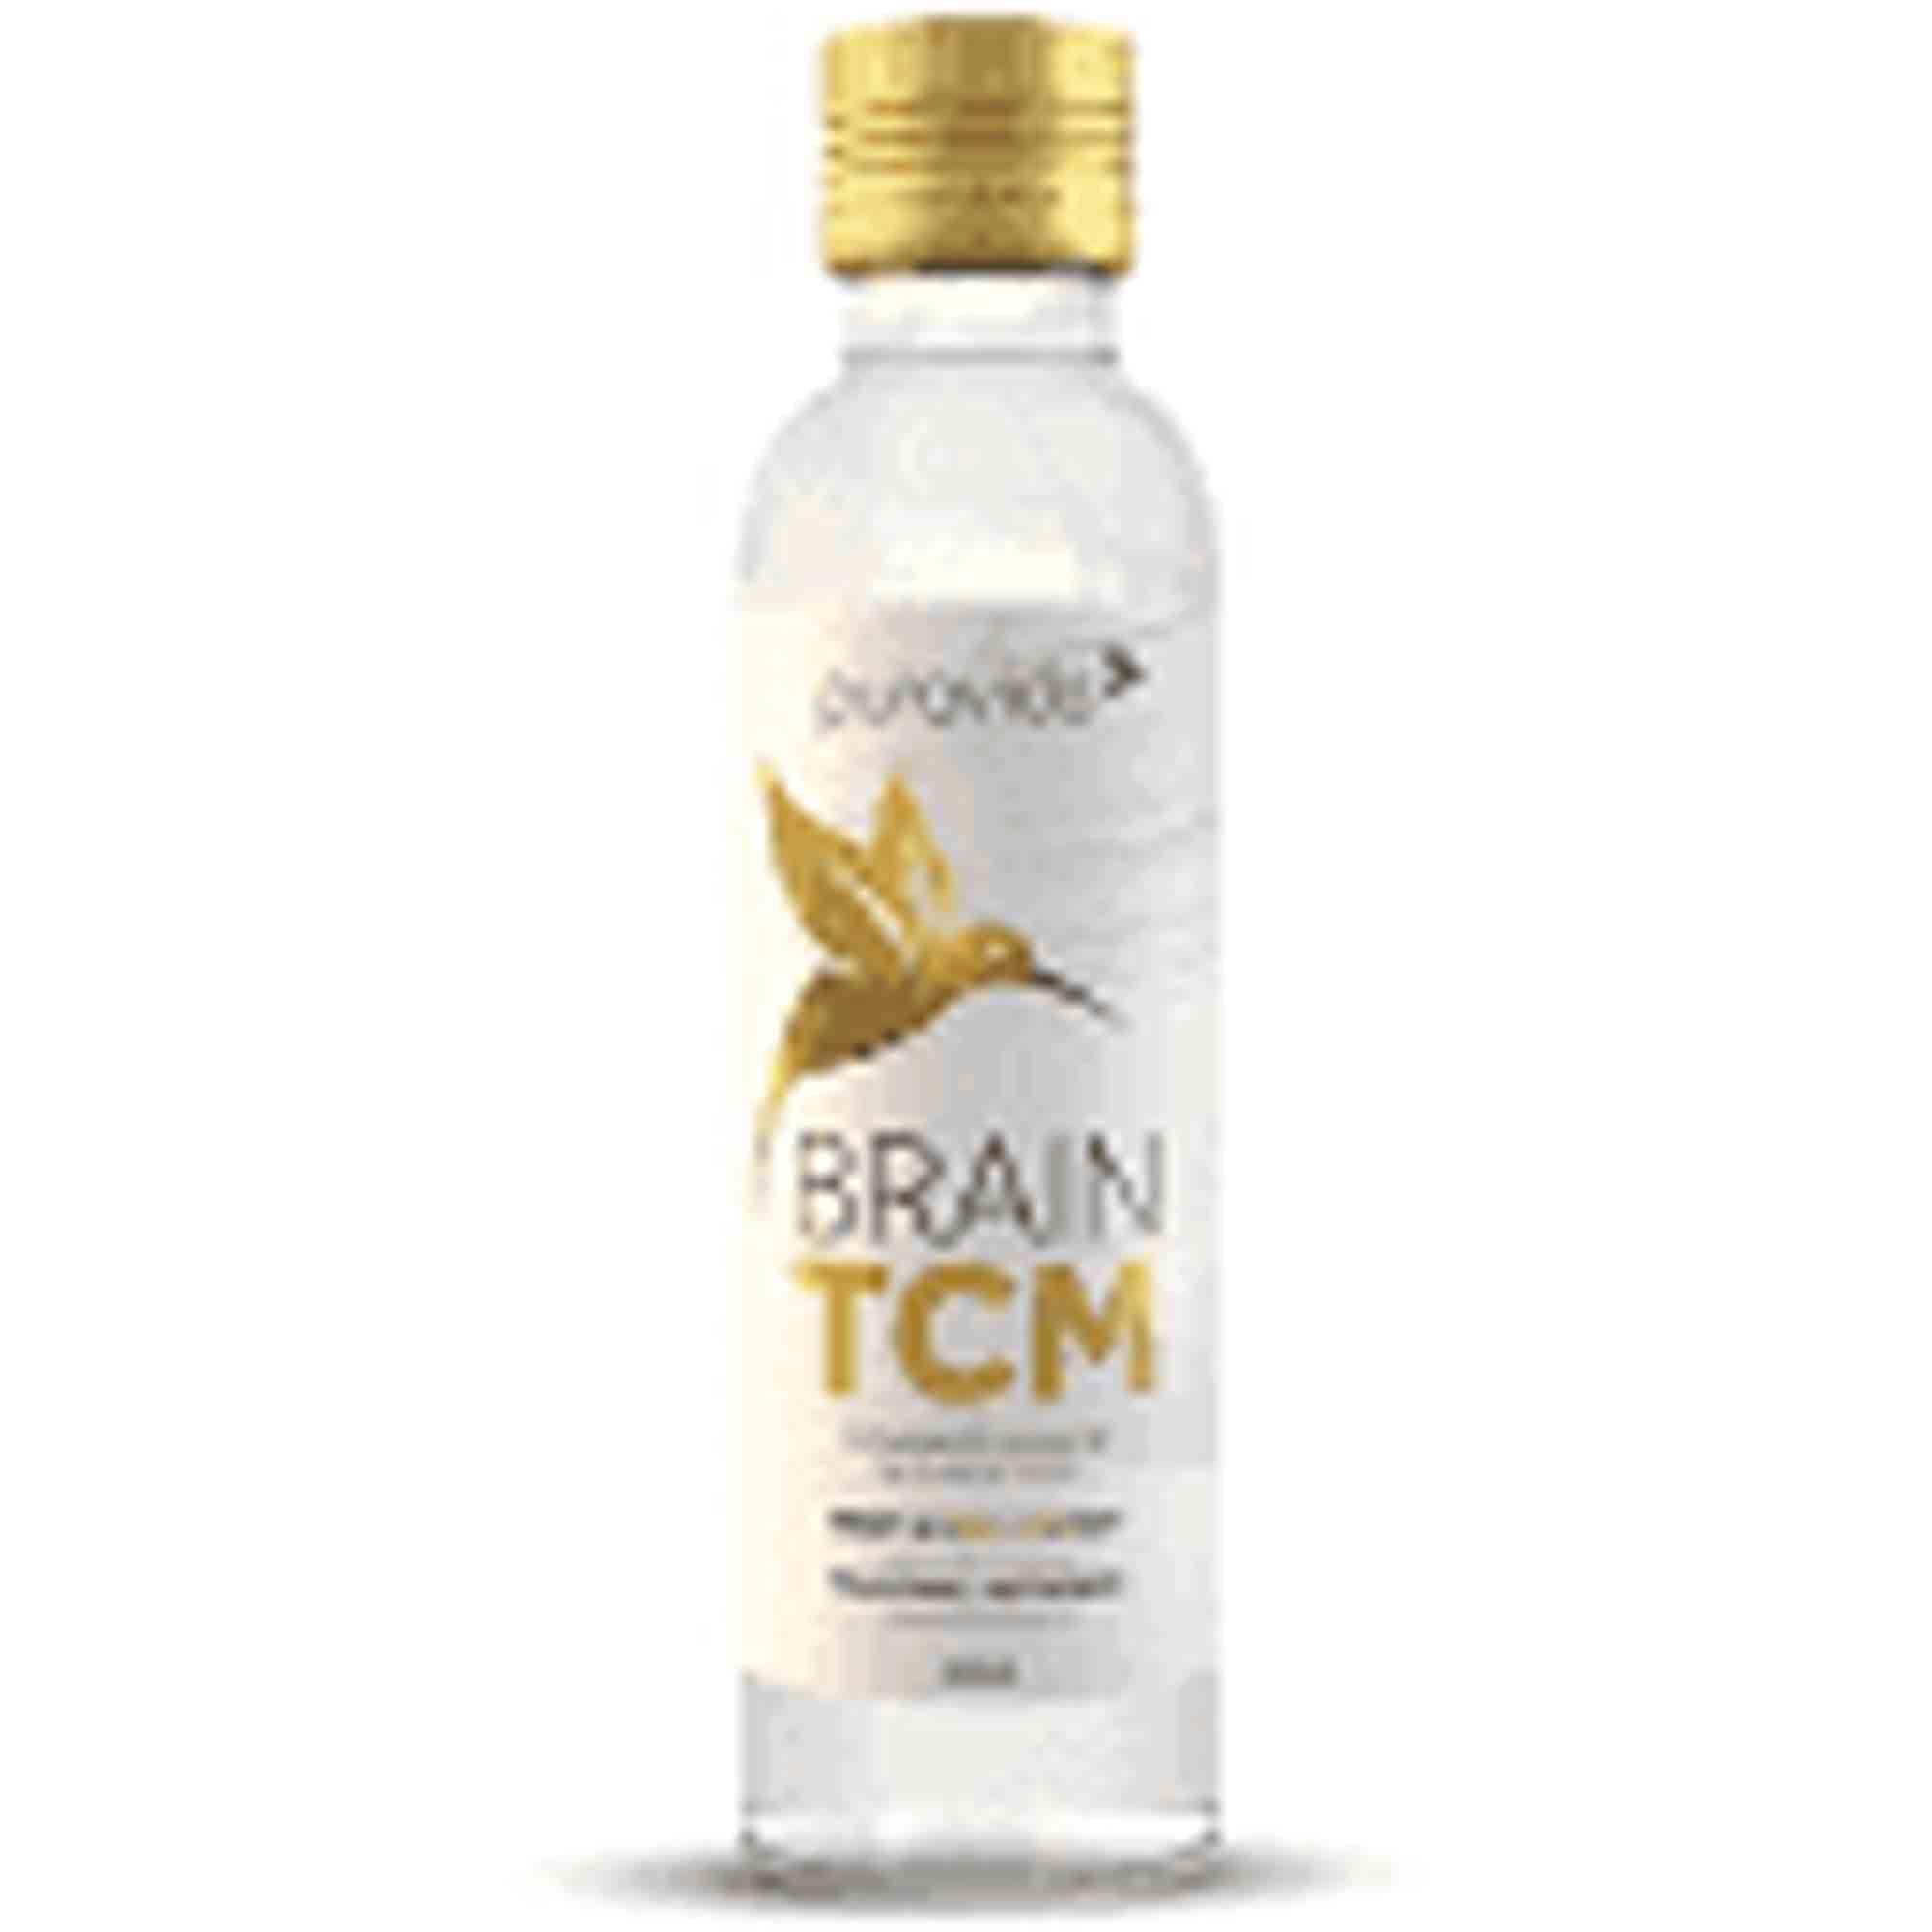 Brain TCM 300ml Pura vida